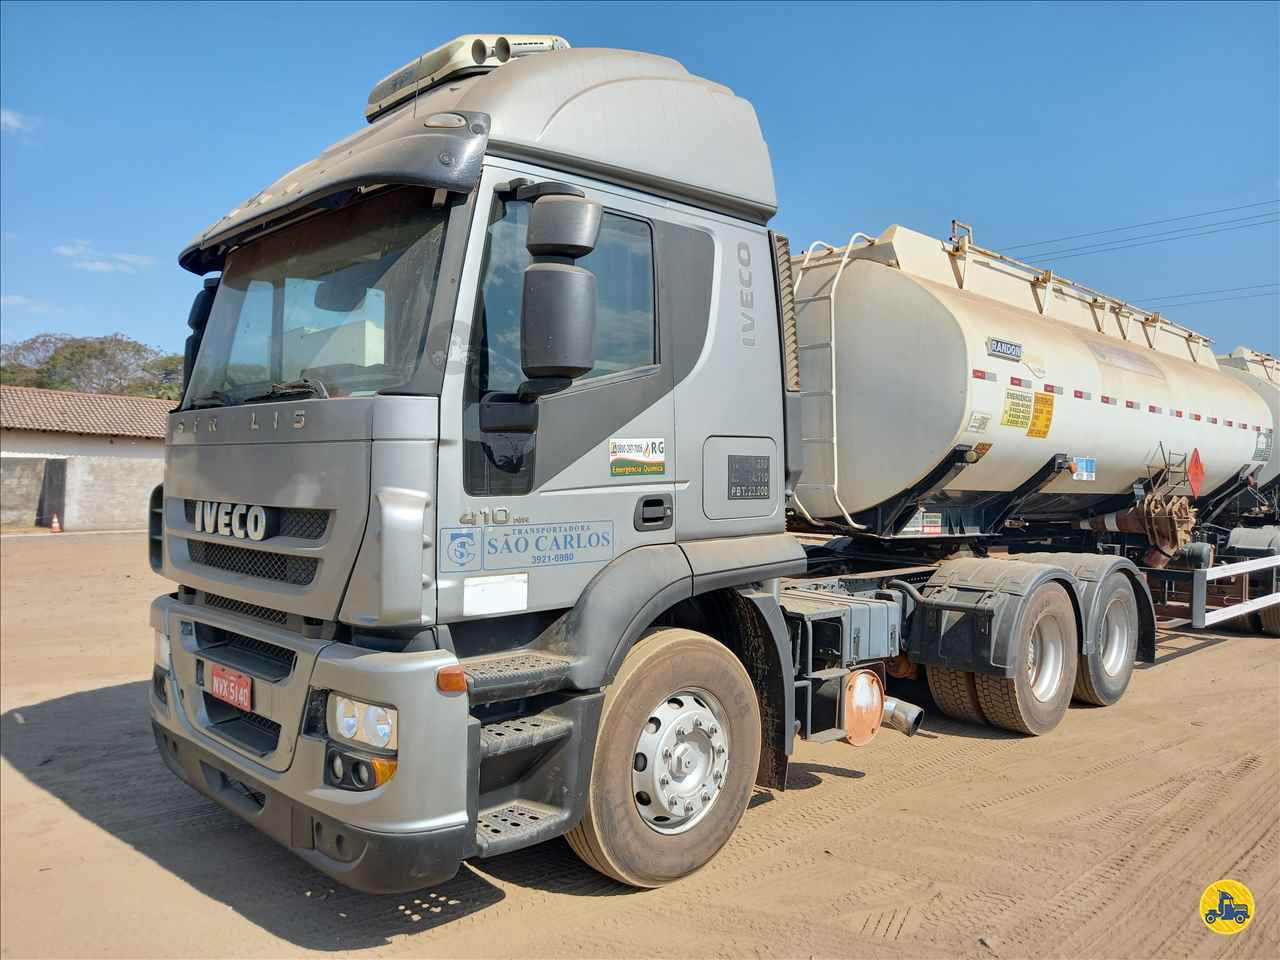 CAMINHAO IVECO STRALIS 410 Cavalo Mecânico Truck 6x2 Debastiani Caminhões ANAPOLIS GOIAS GO